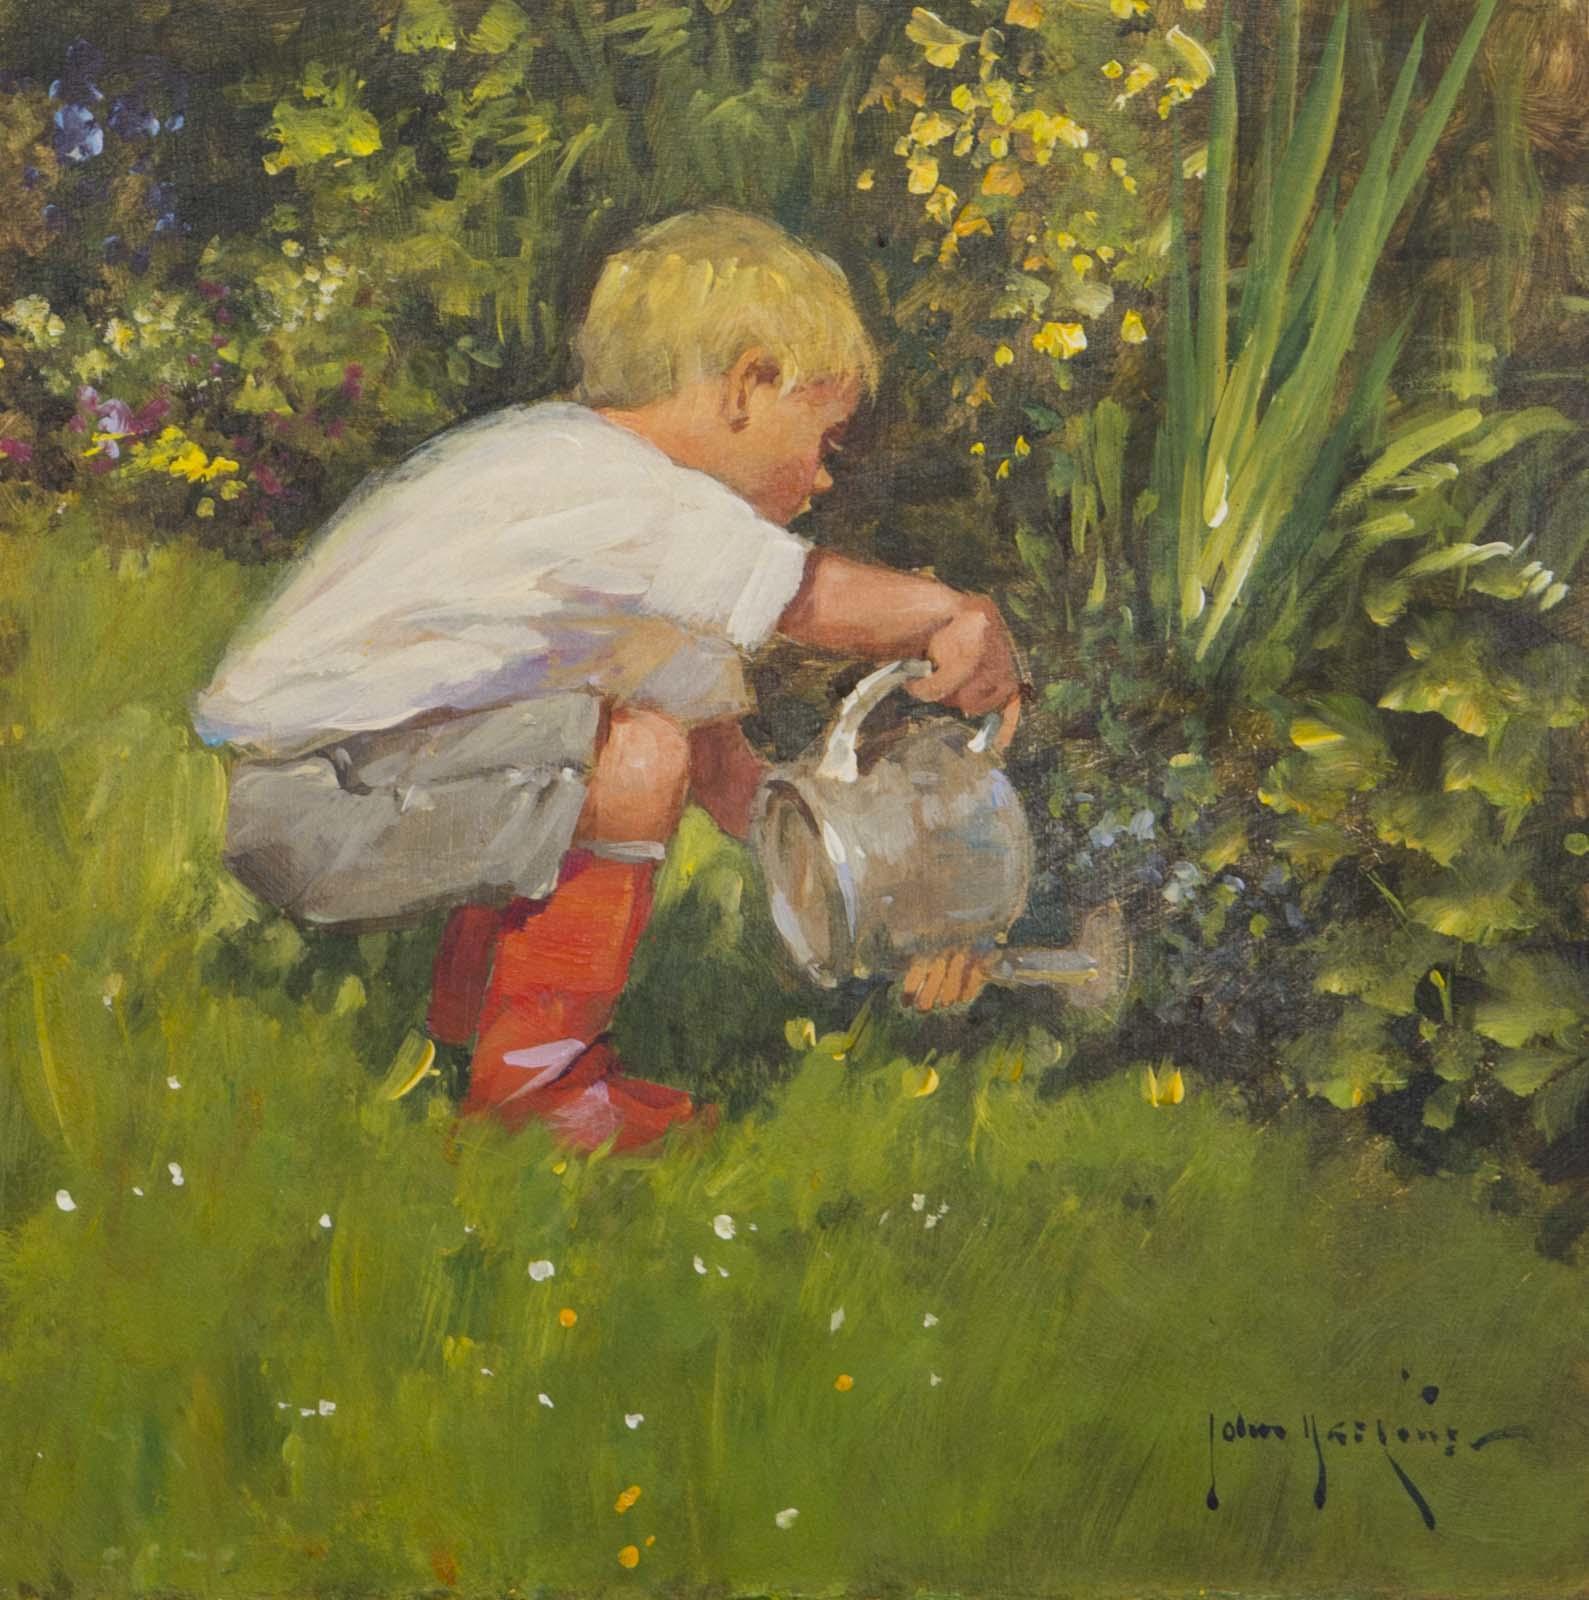 Gardener's Assistant